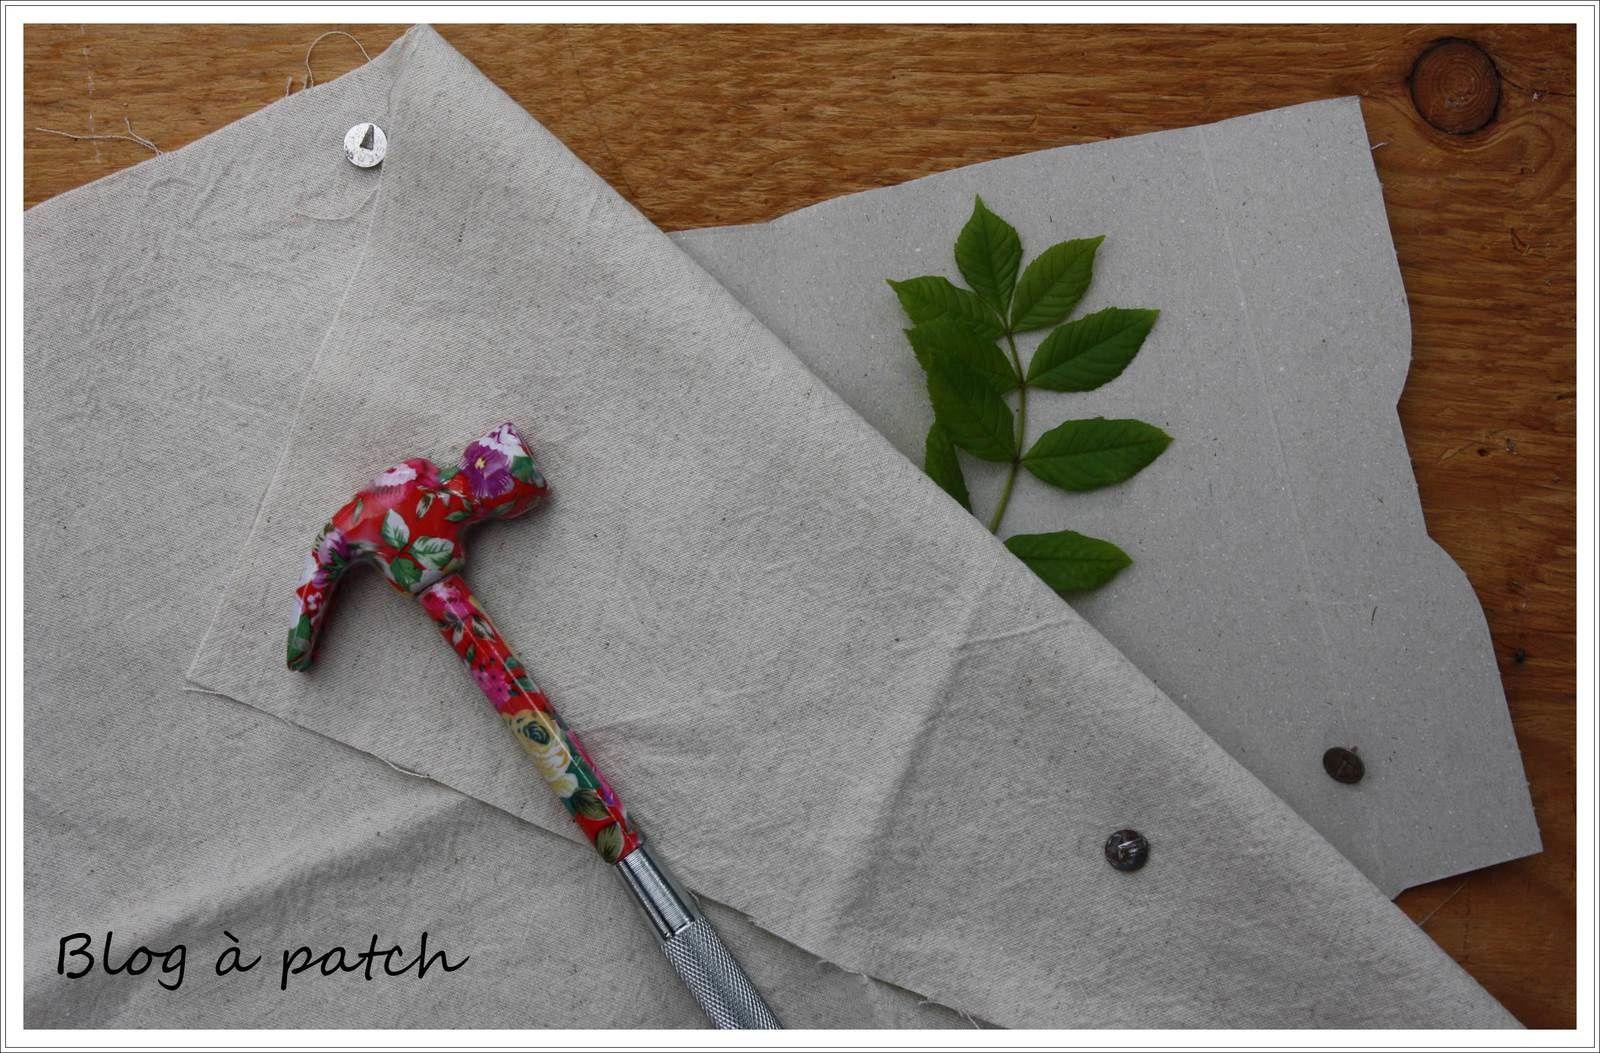 Matériel : 1 planche en bois, du carton, une feuille, du tissu et des punaises...